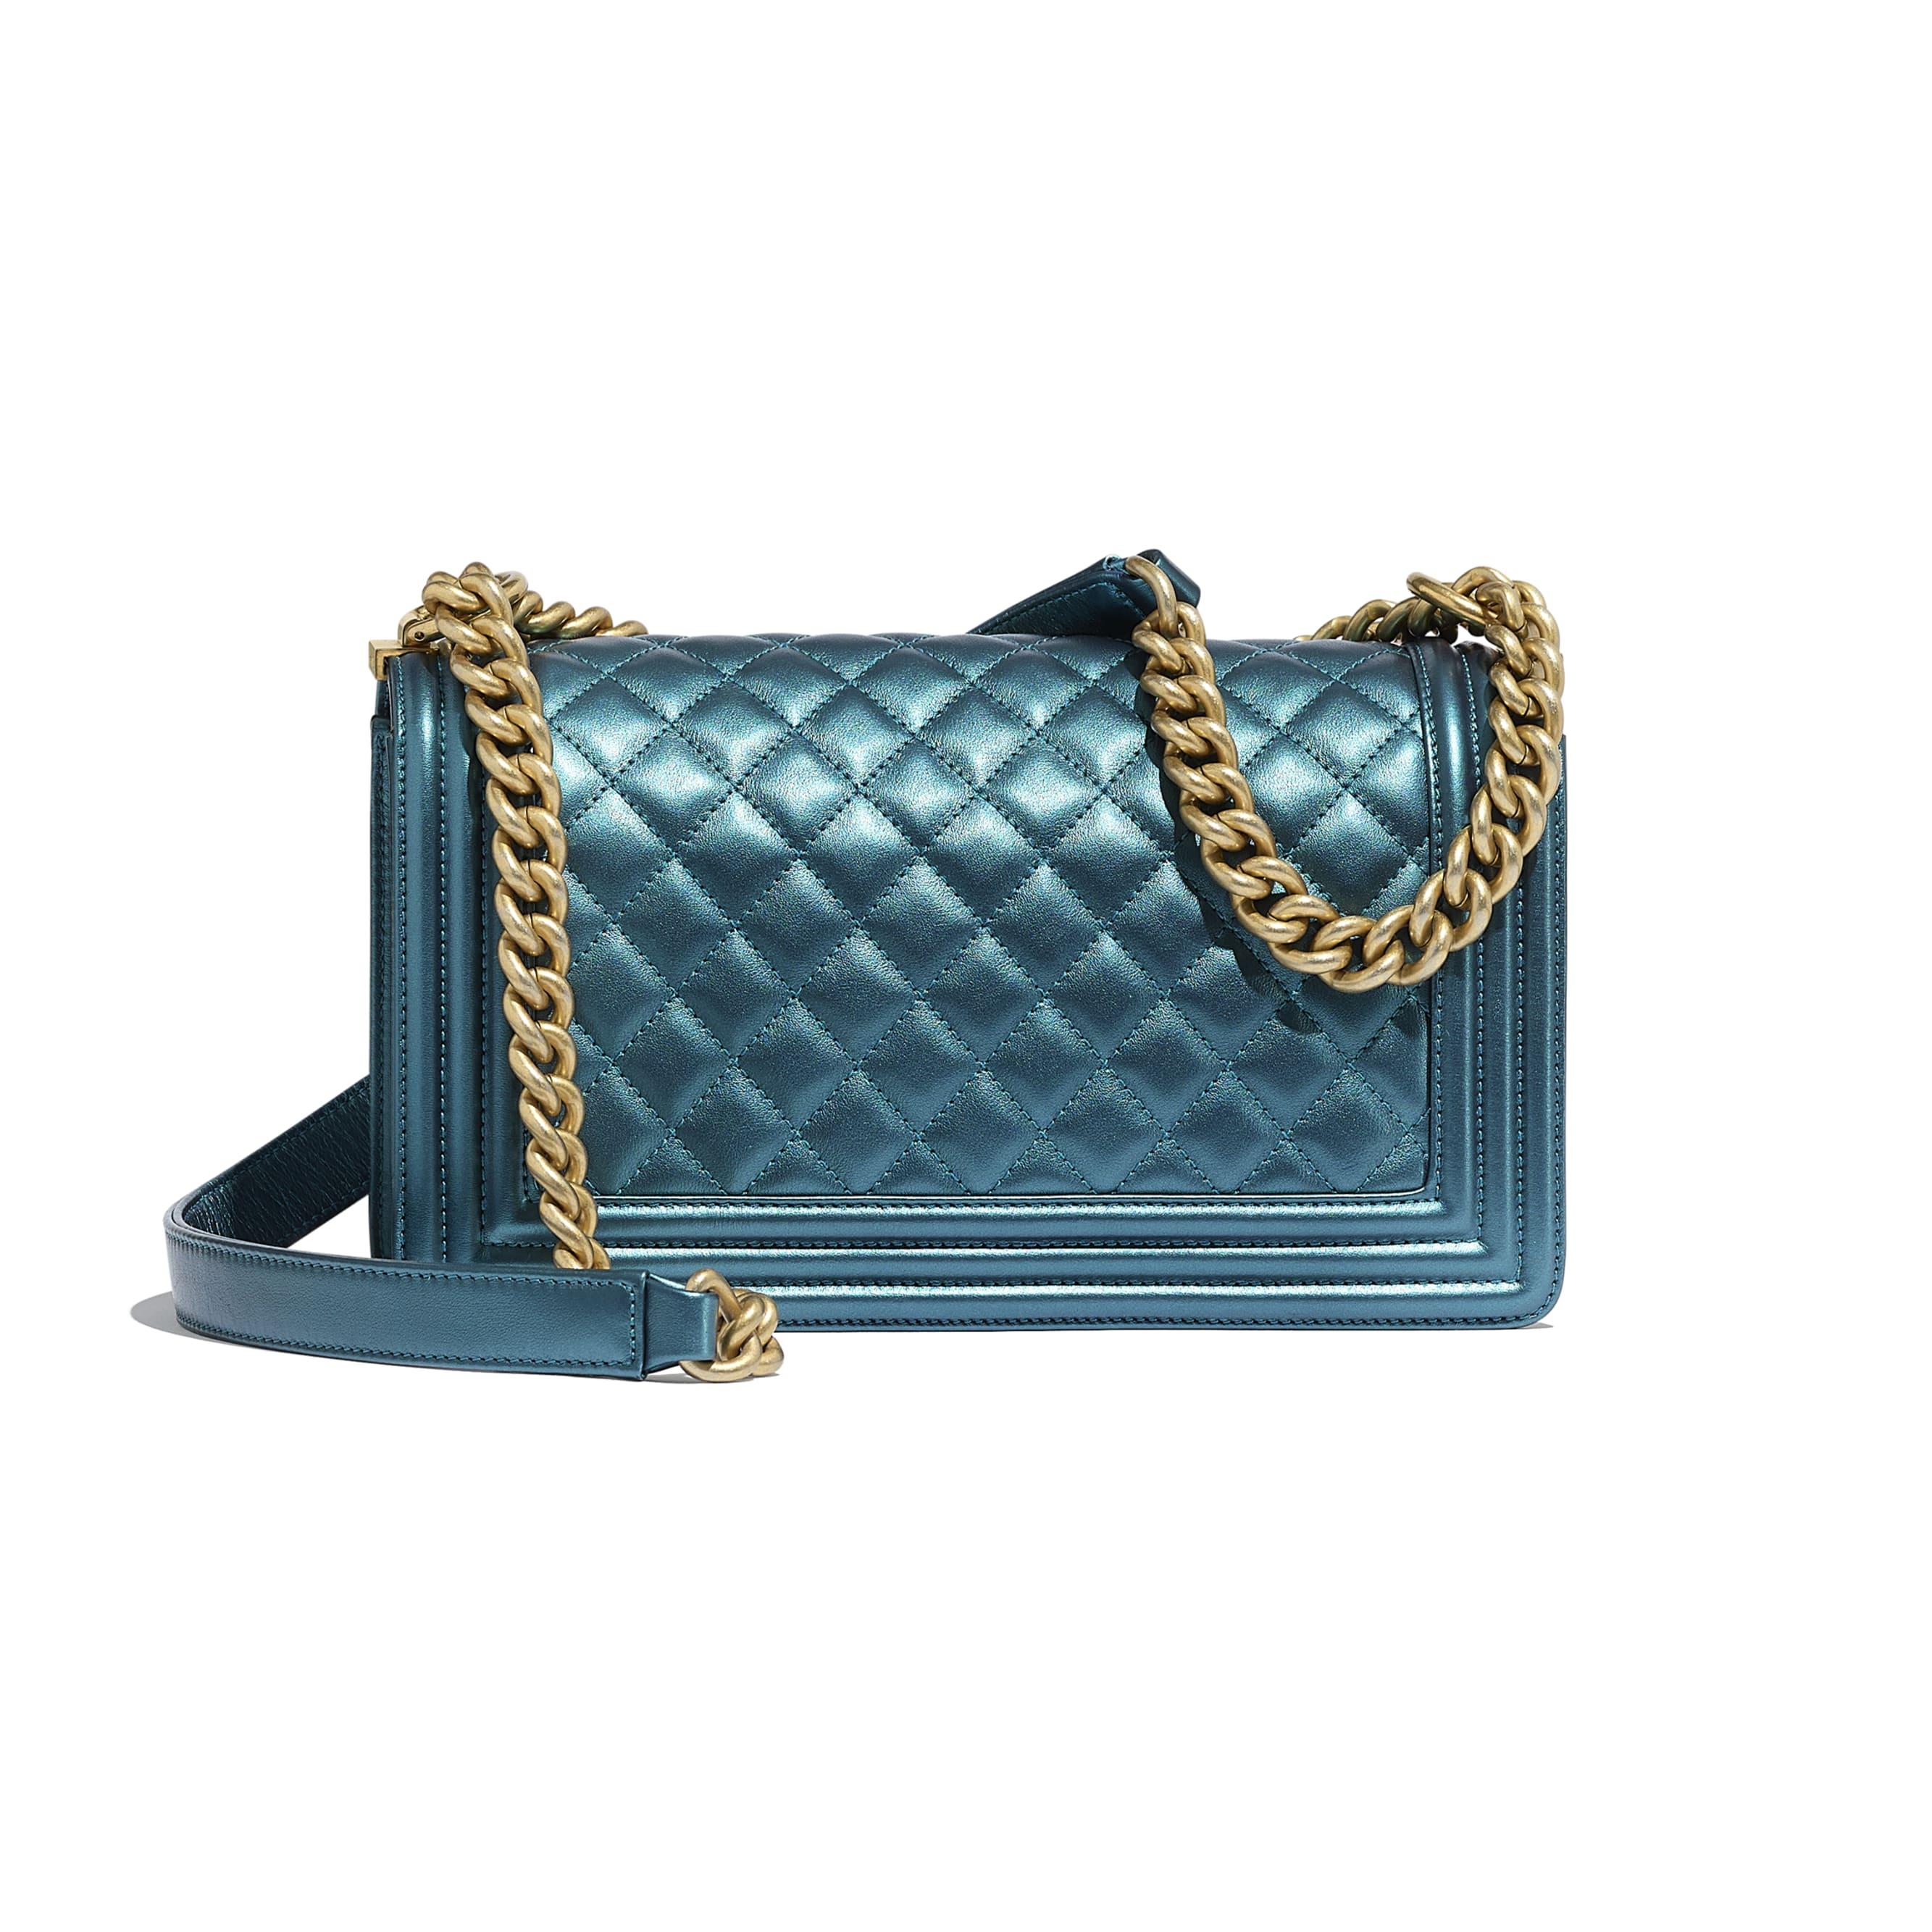 Sac BOY CHANEL - Bleu marine & blanc - Veau métallisé & métal doré - CHANEL - Vue alternative - voir la version taille standard